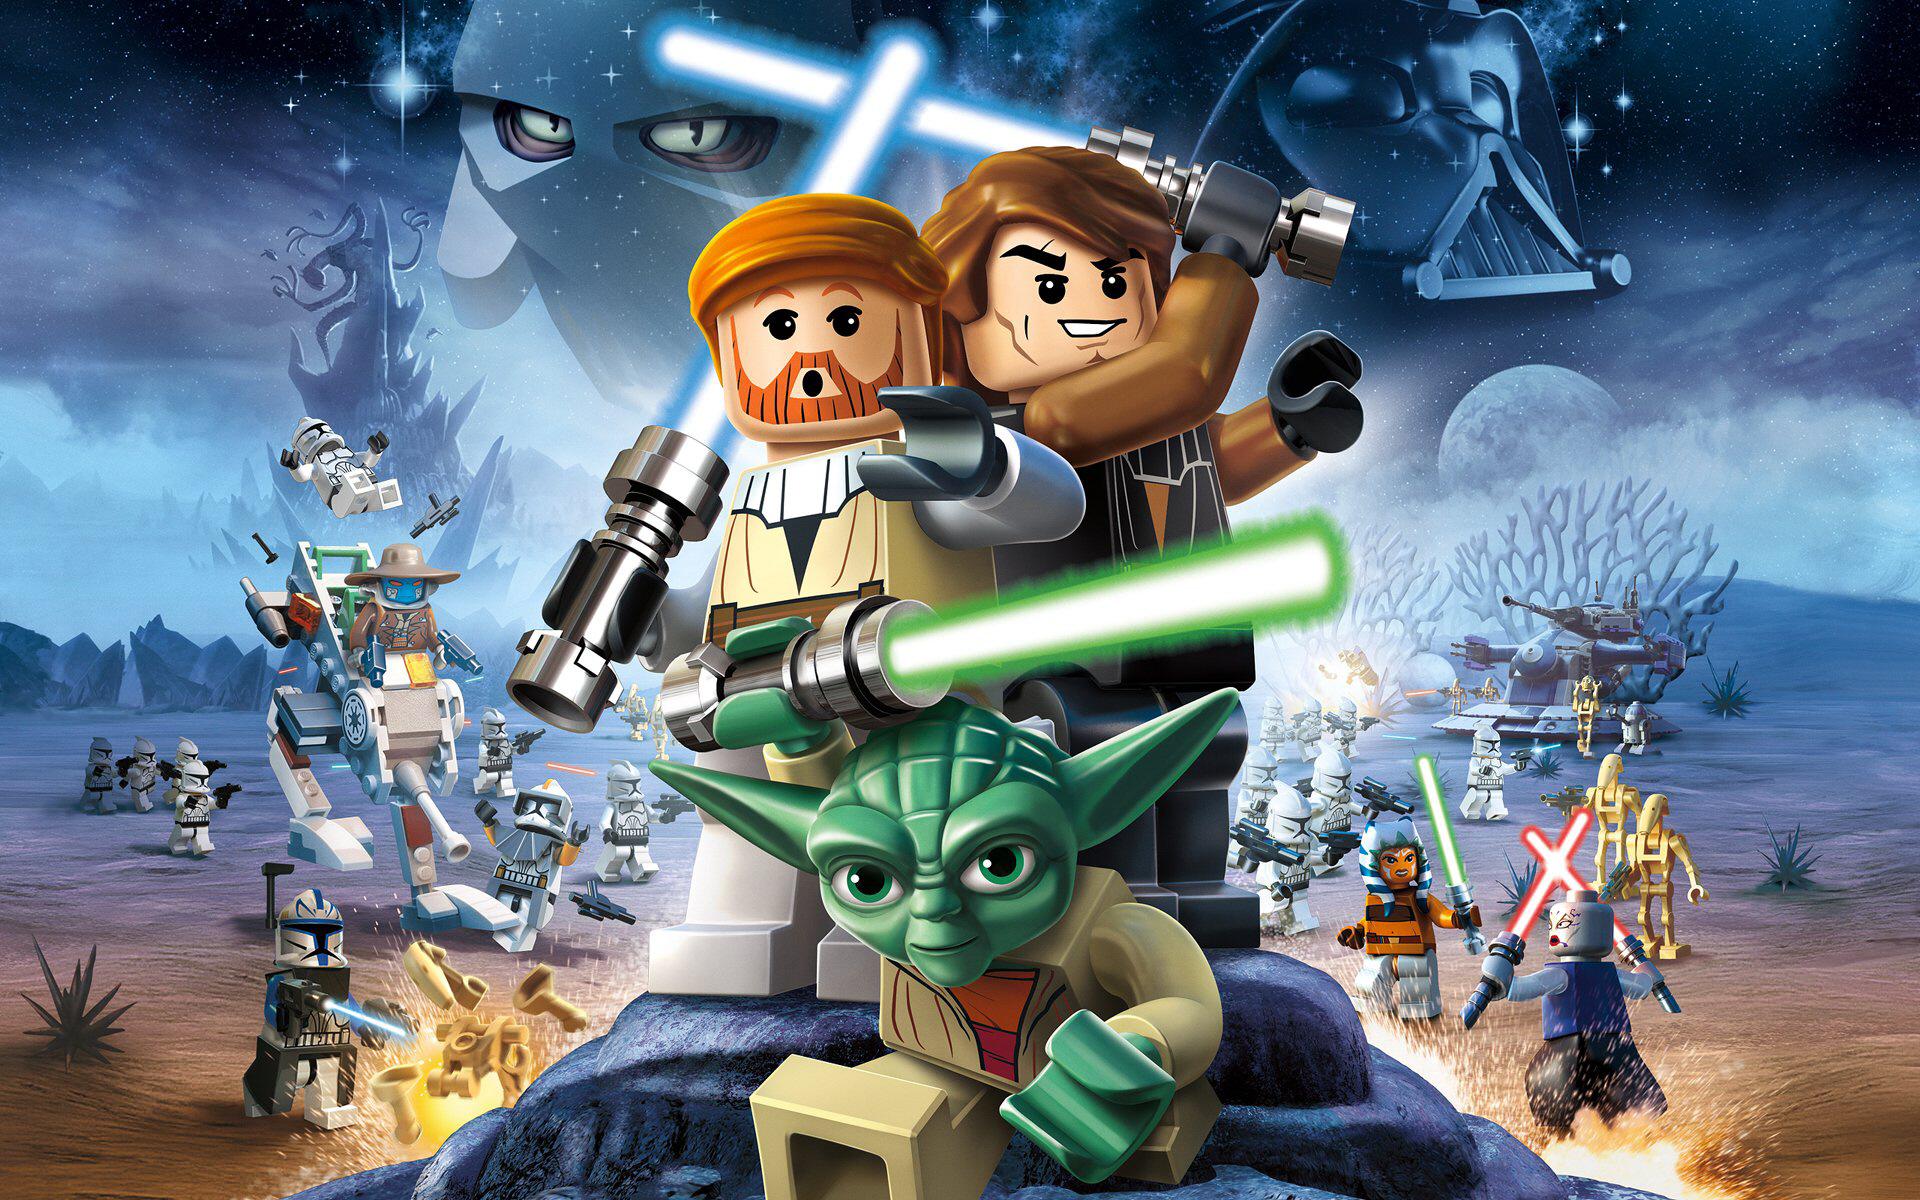 Lego Star Wars 92